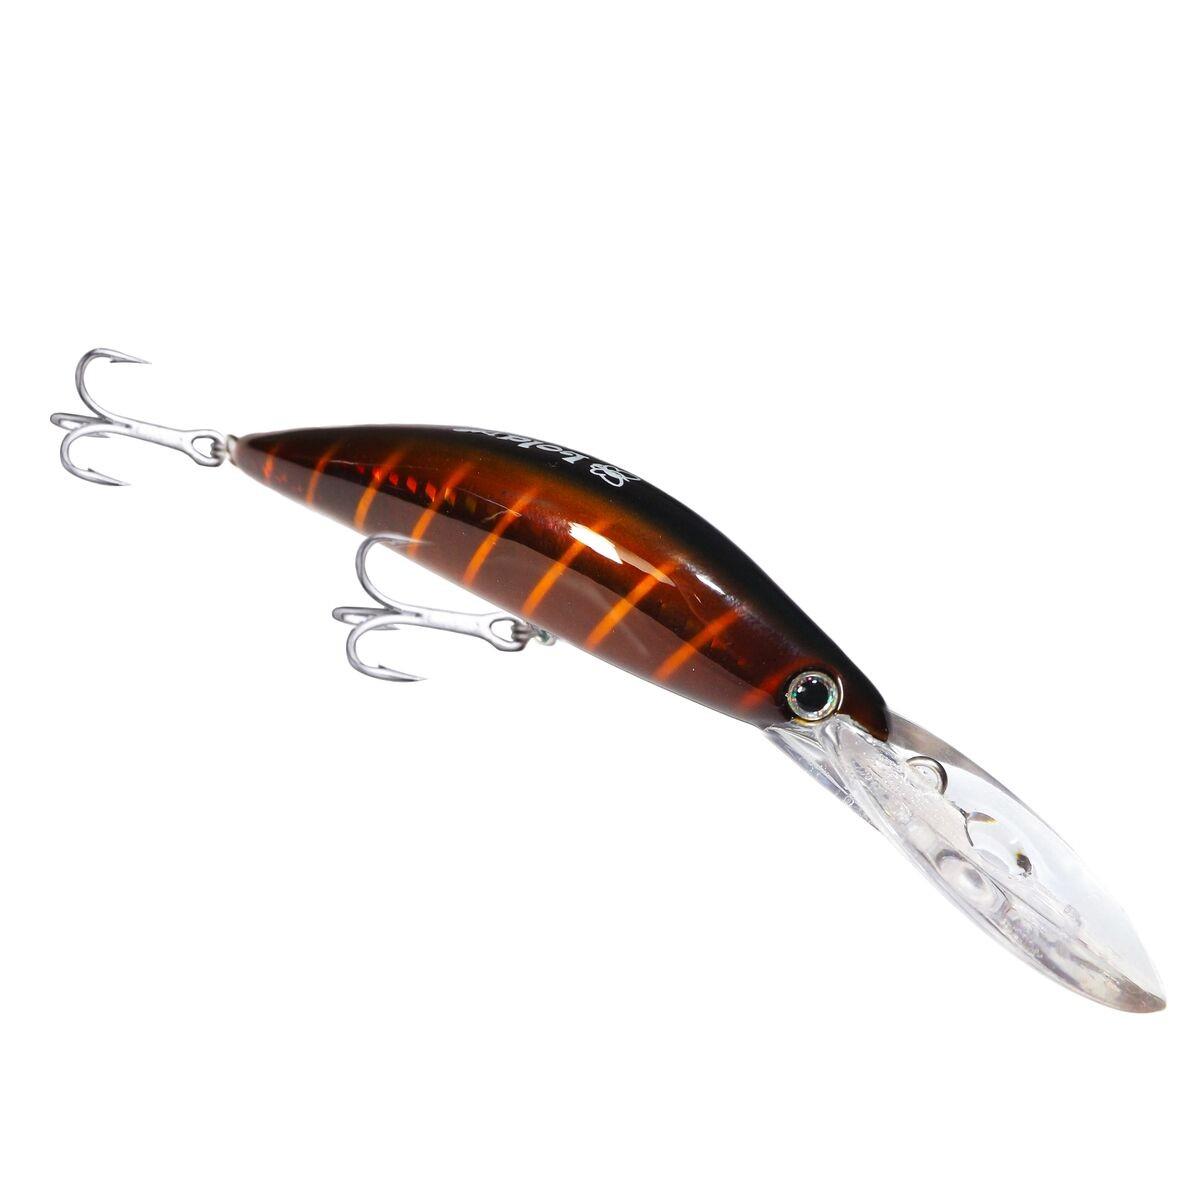 Isca Borboleta Lola Deep Holográfica (14cm - 21grs)   - Comprando & Pescando